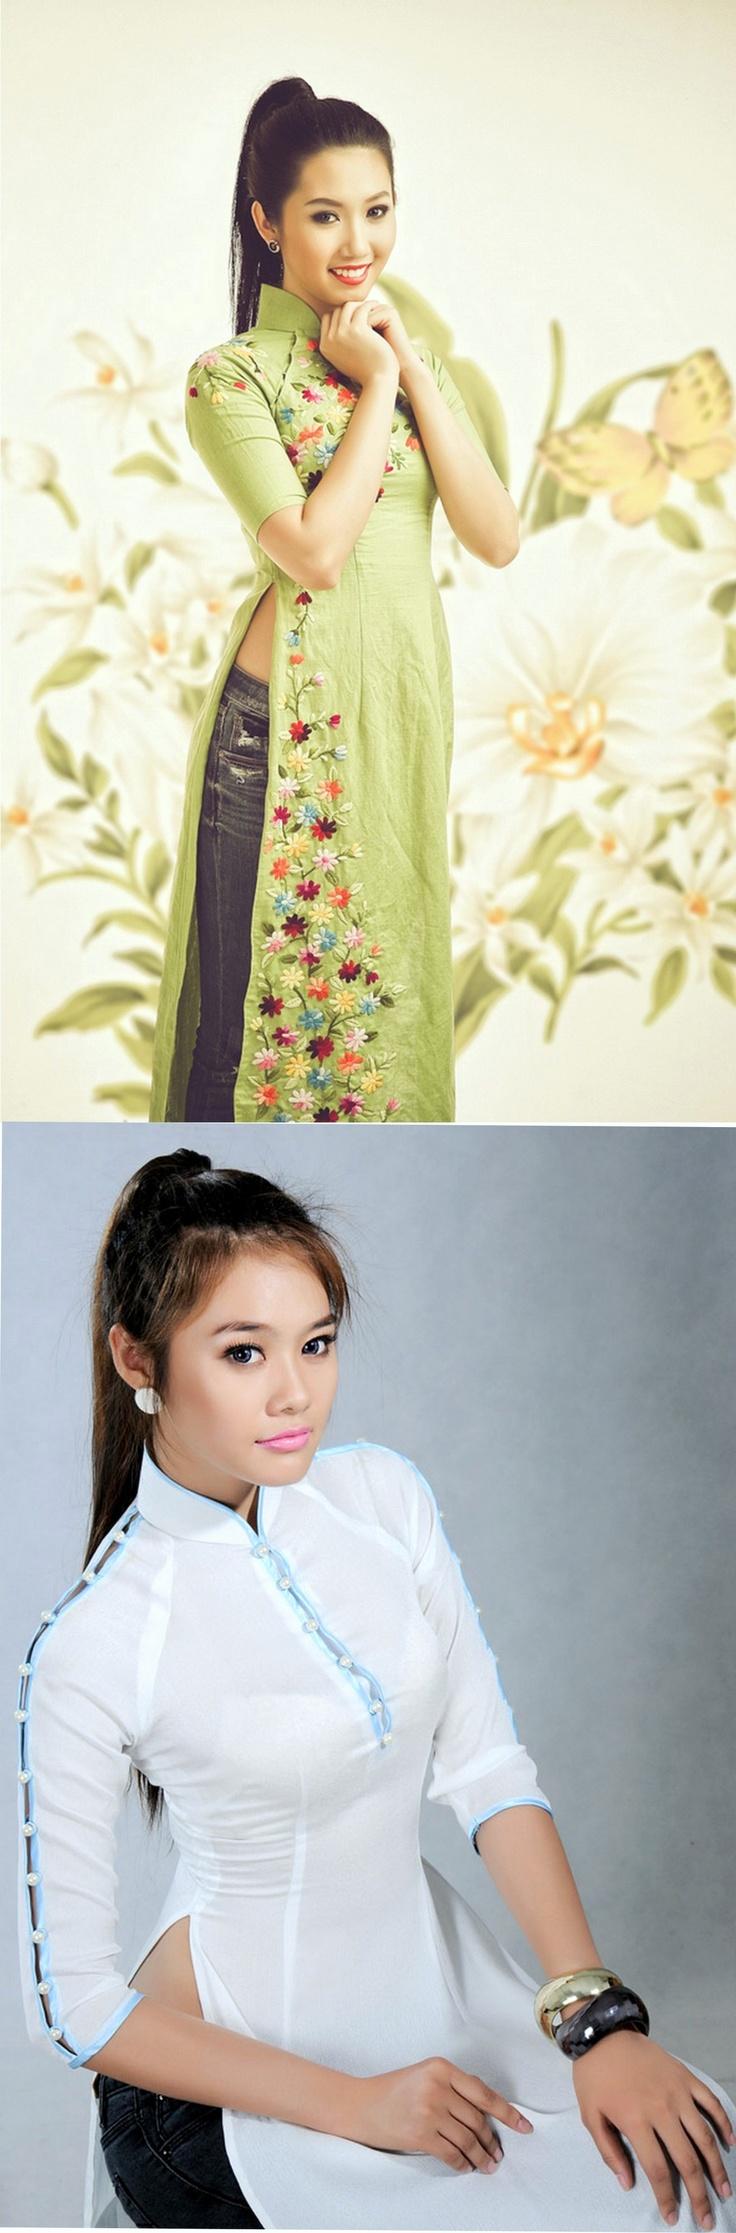 Вьетнамки очень креативны и иногда носят традиционные платья ао зай с джинсами. Выглядит невероятно стильно и со вкусом! Недаром нынче немало фешн блоггеров вьетнамского происхождения. О них мы тоже обязательно расскажем.